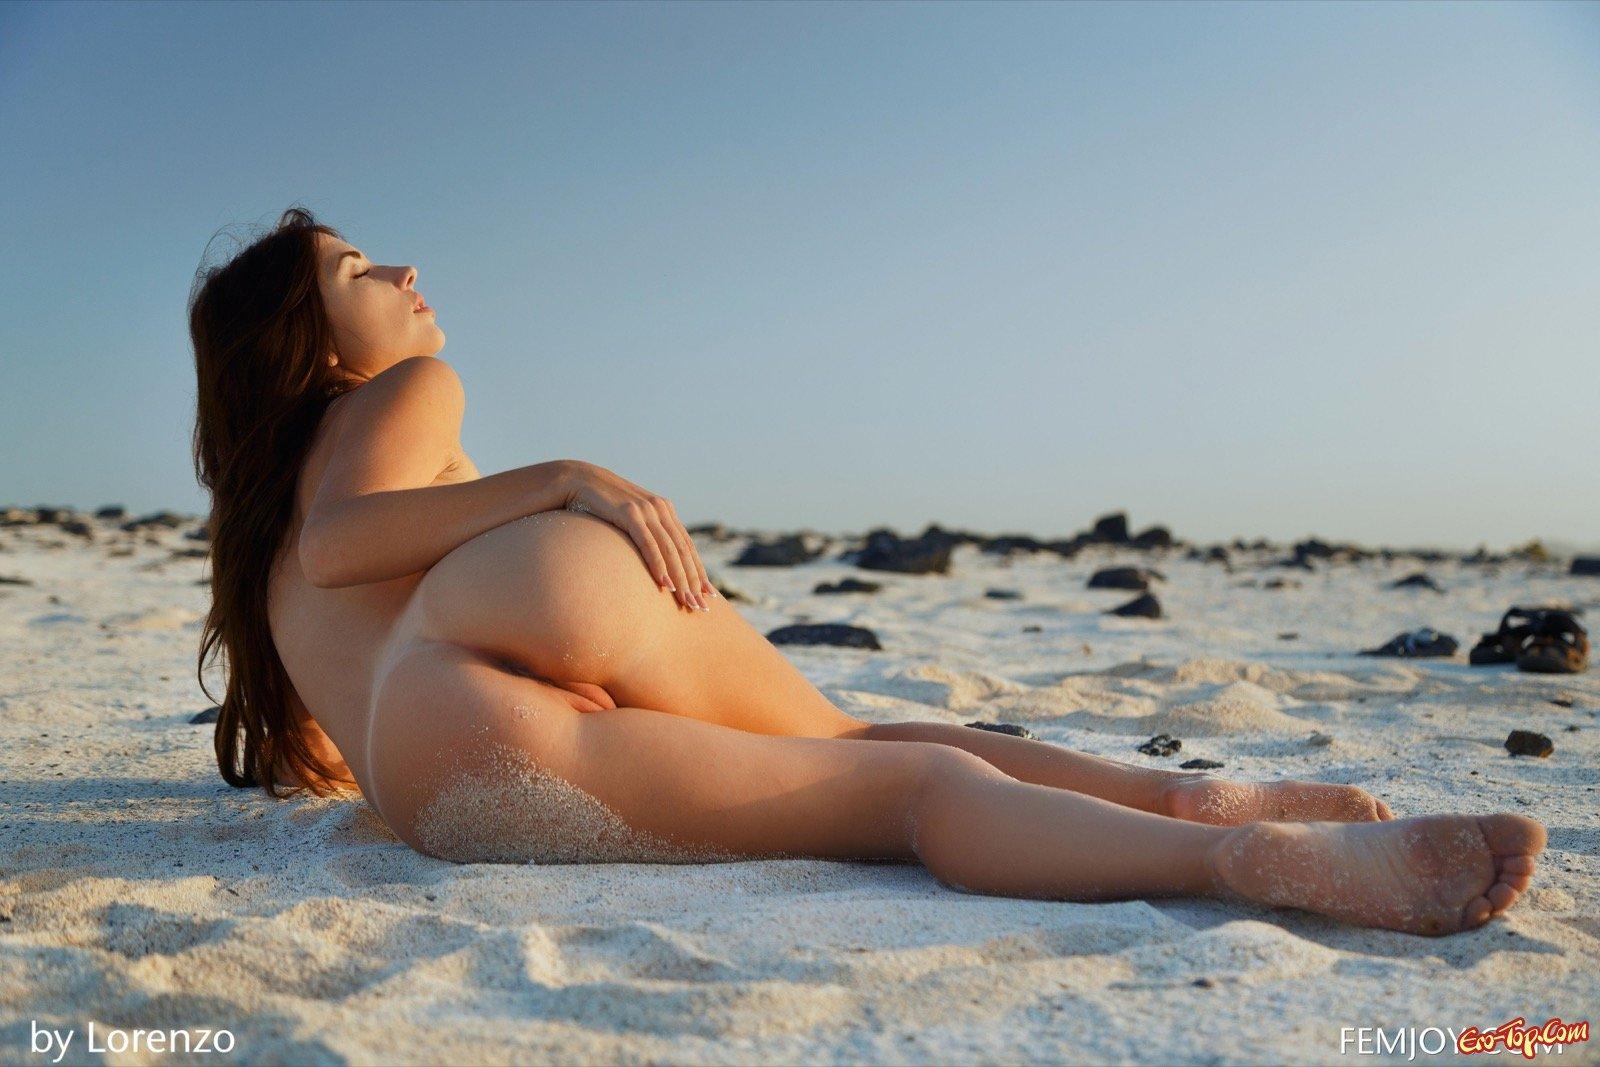 Обнаженная темненькая девушка на пляже в пляже